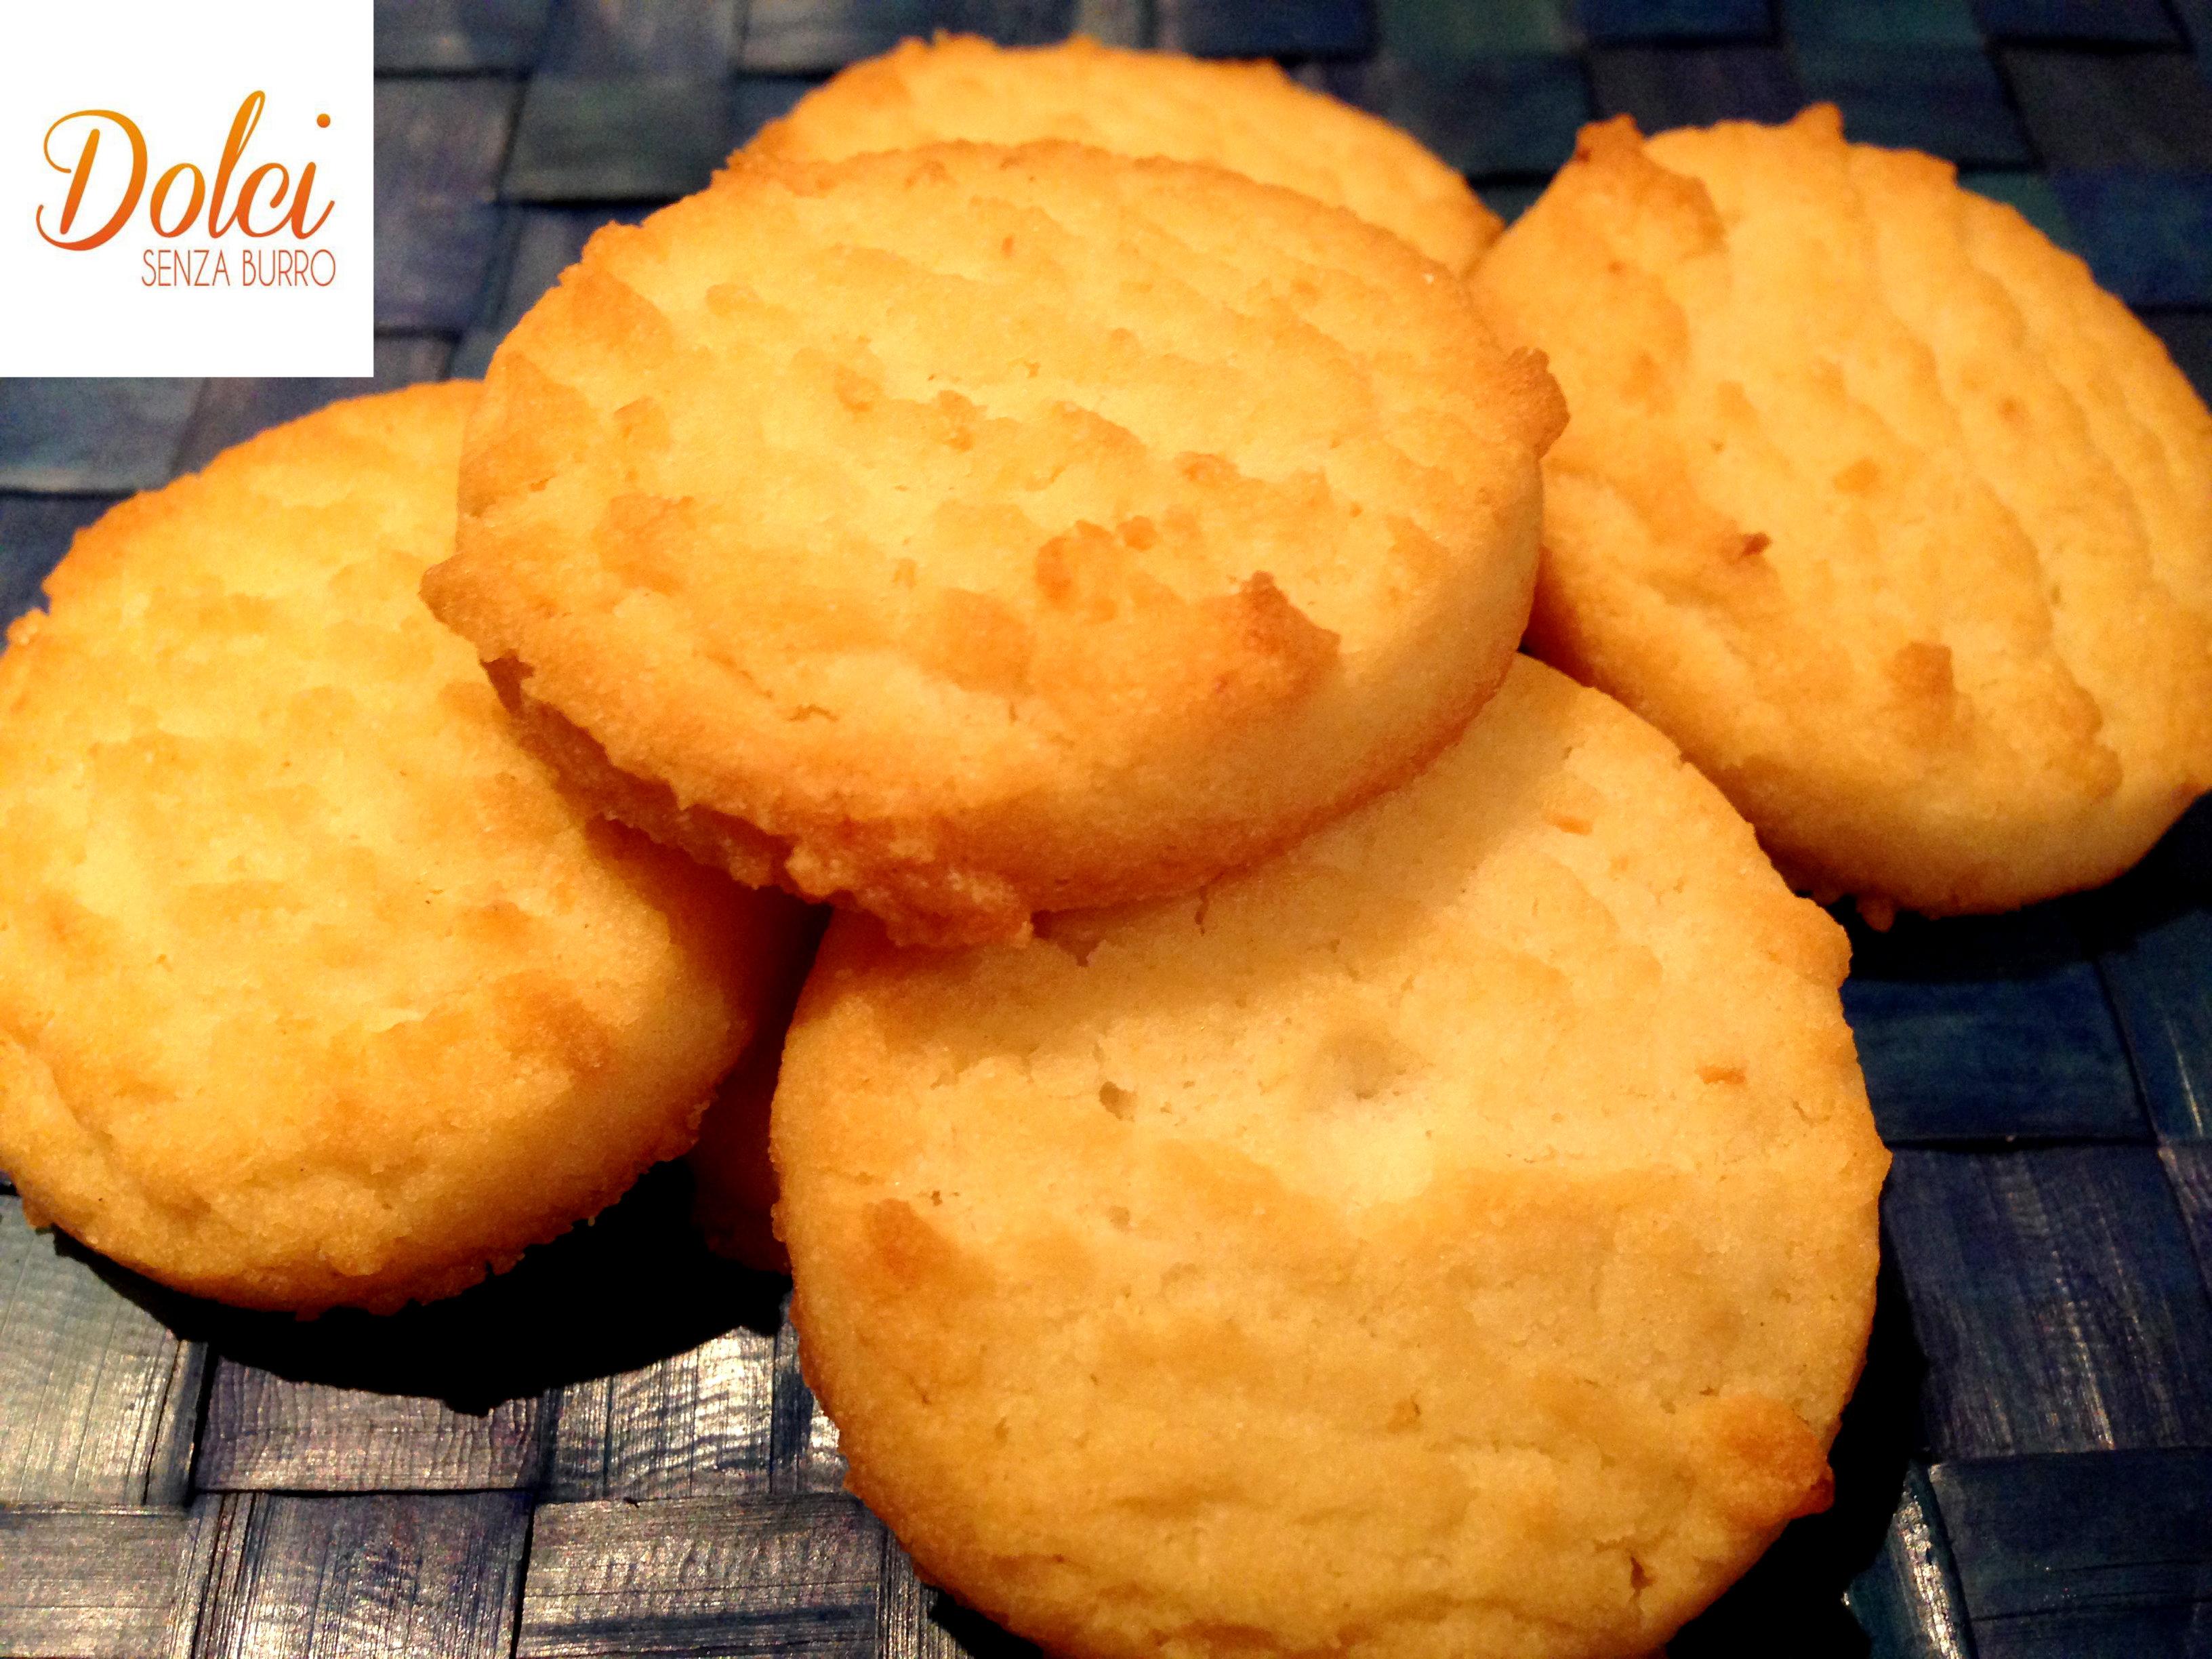 Le Fave dei Morti sono i biscotti della tradizione della festa di ognissanti di dolci senza burro